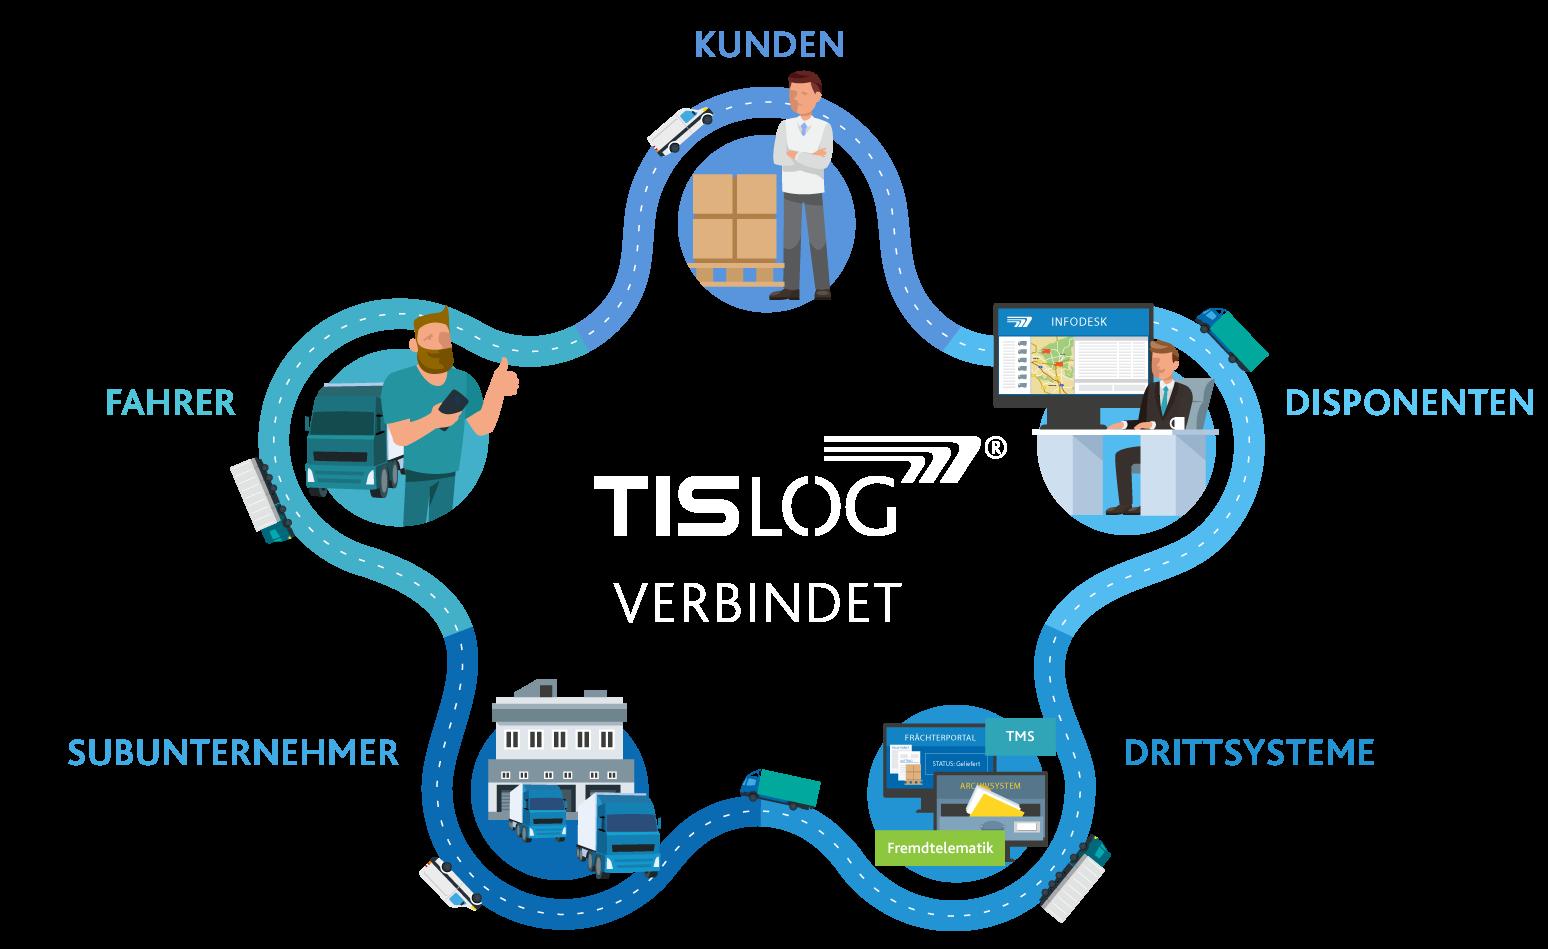 tislog-grafik-DE-2